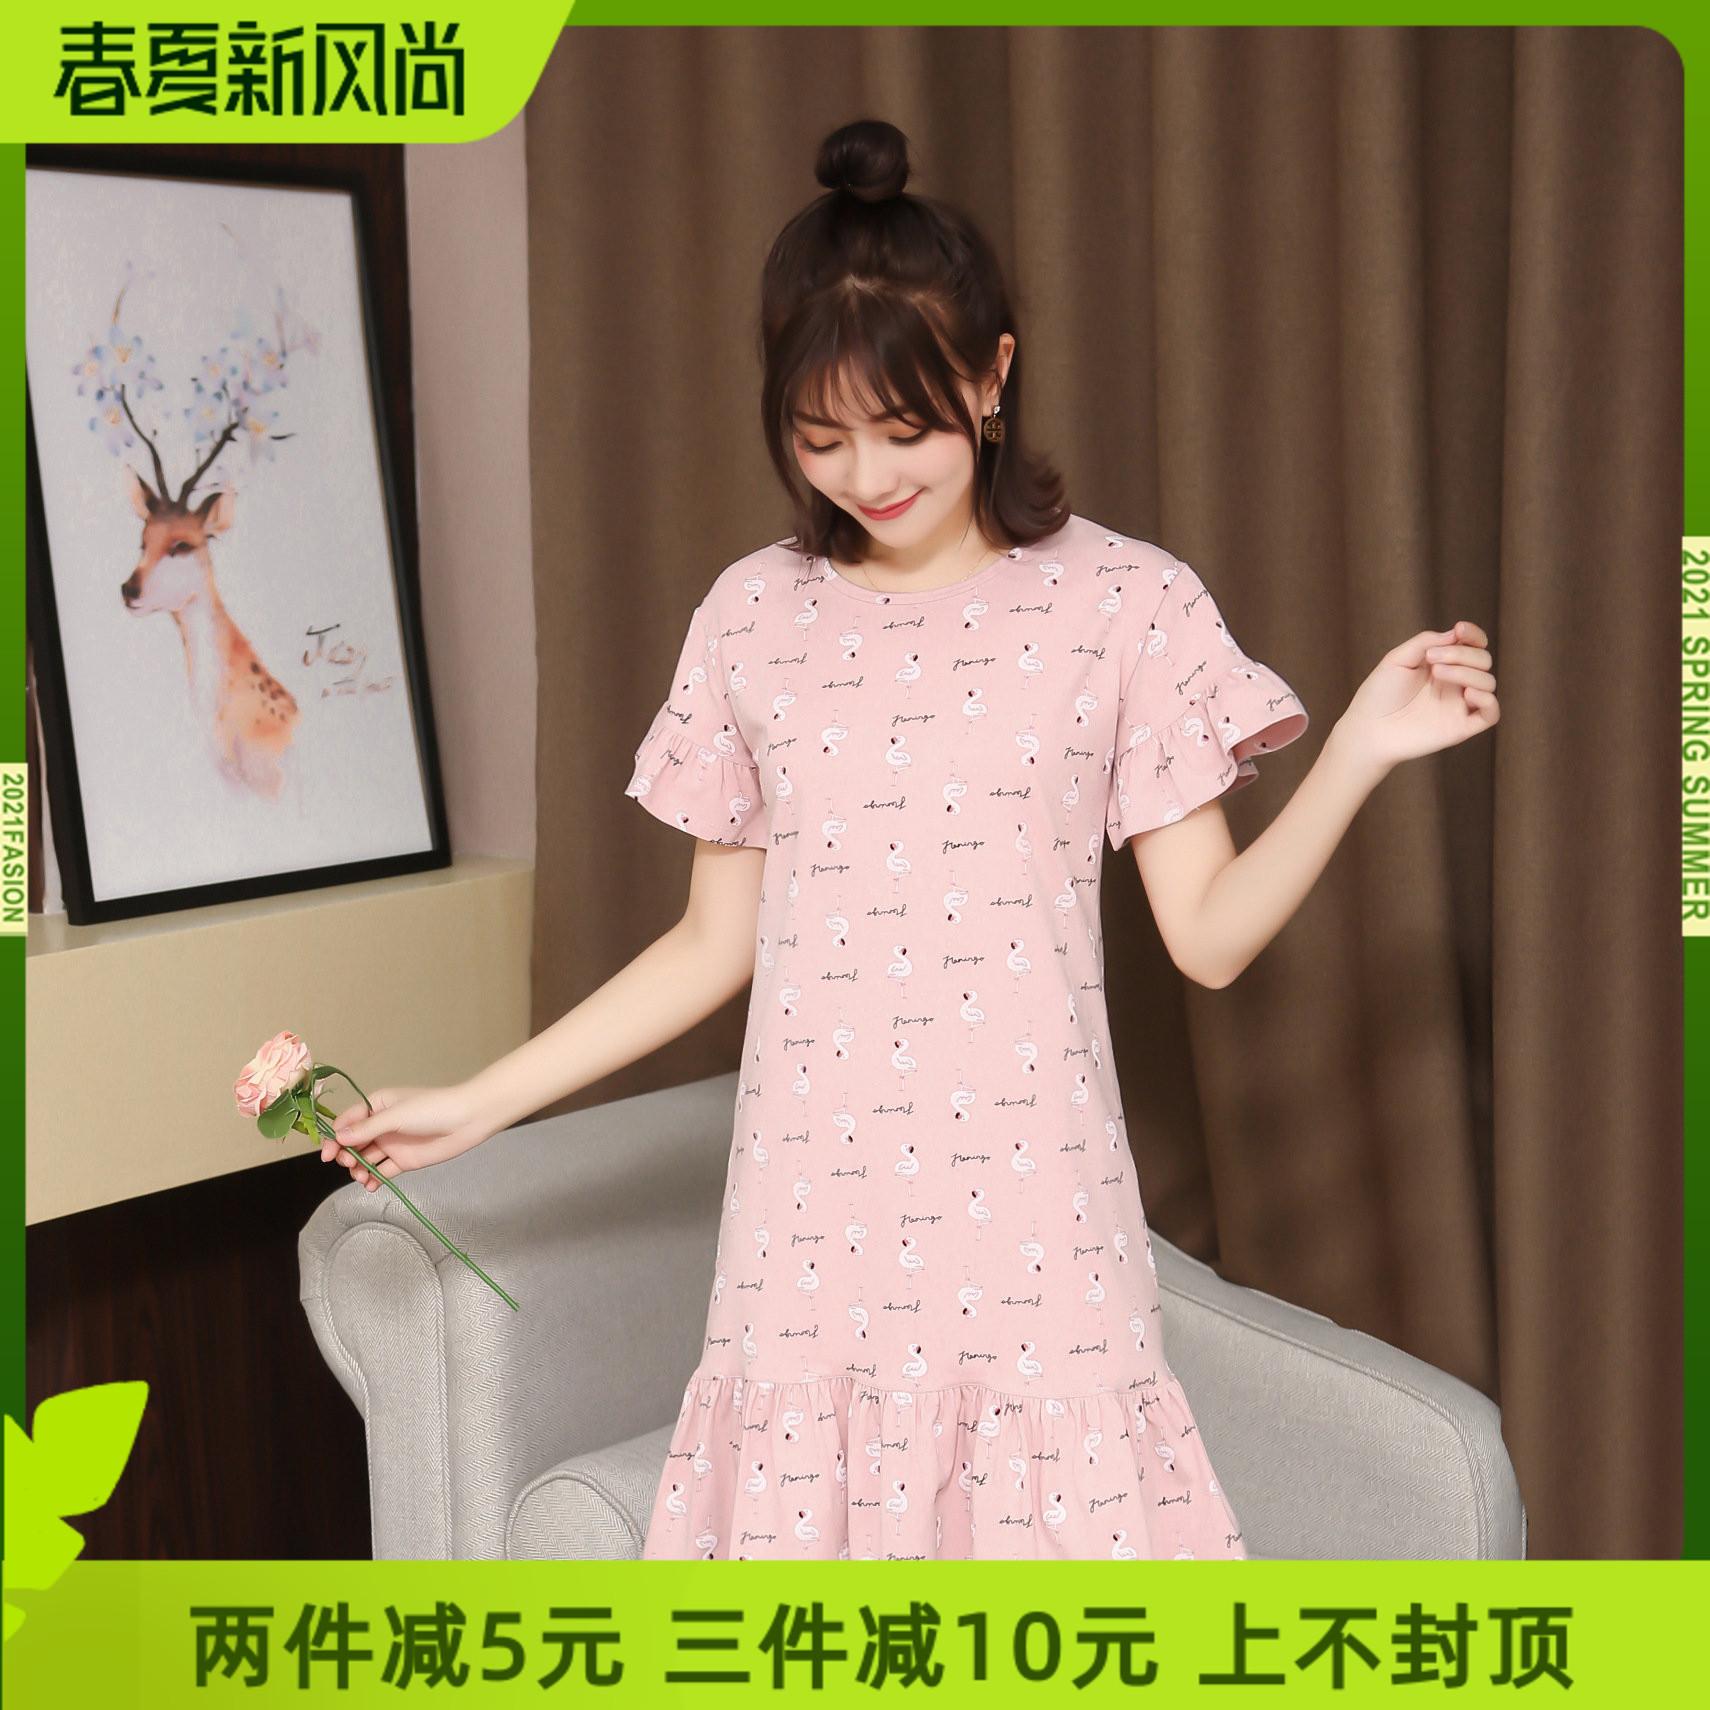 女性の夏の新型の純綿のパジャマの寝間着の韓国版のかわいい泡のスカートの日系の心地良いワンピースのホームはスカートに外出することができます